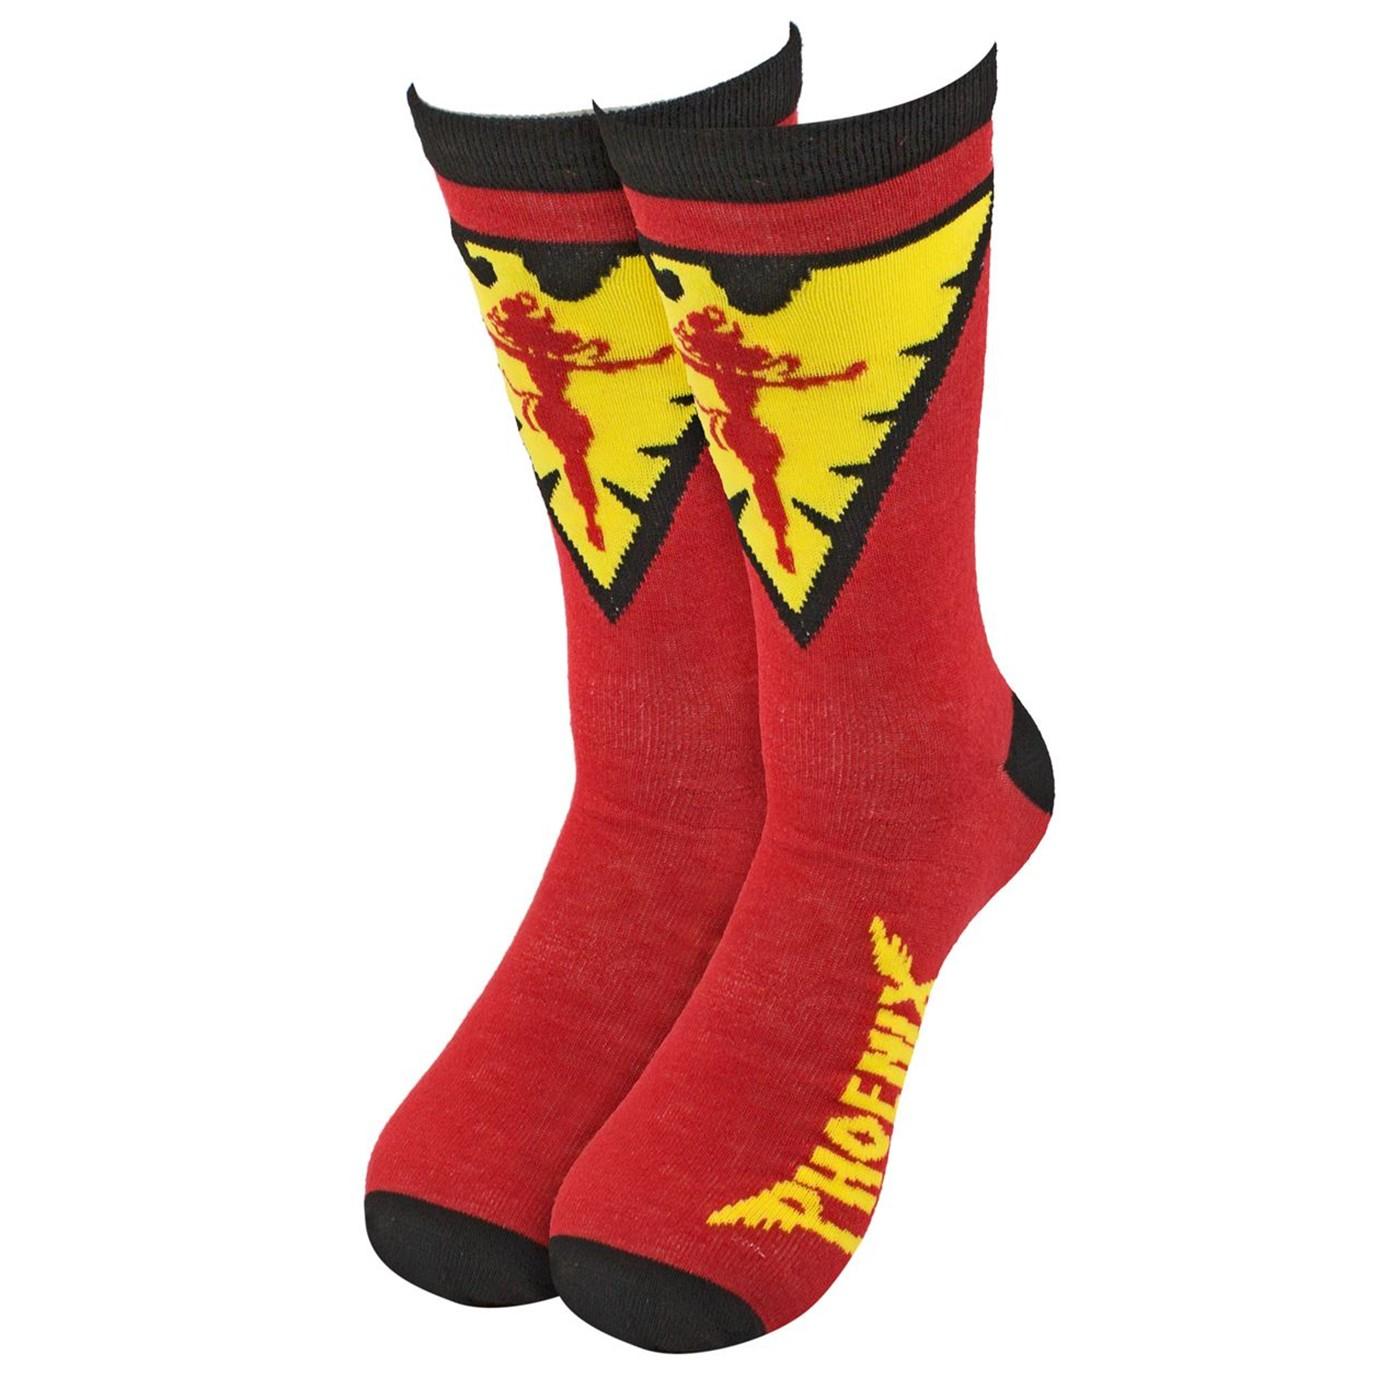 b27bb042fd0f4 X-men Dark Phoenix Crew Socks. $9.99